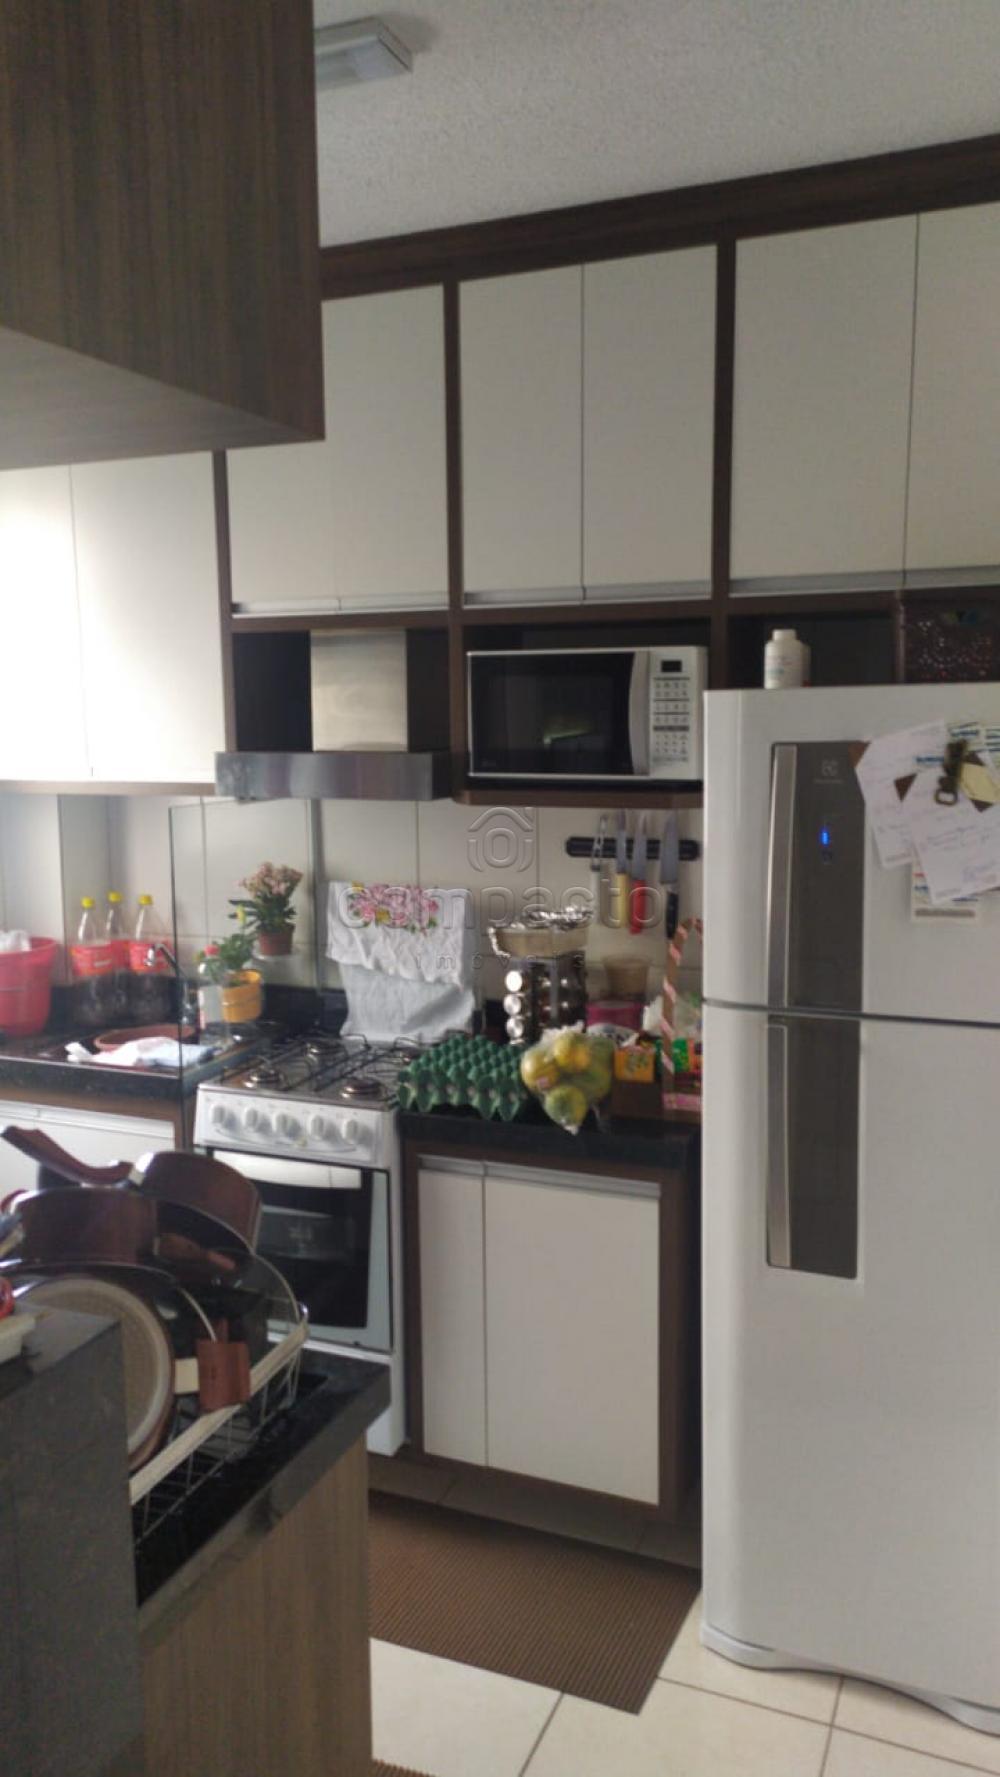 Comprar Apartamento / Padrão em São José do Rio Preto apenas R$ 190.000,00 - Foto 7